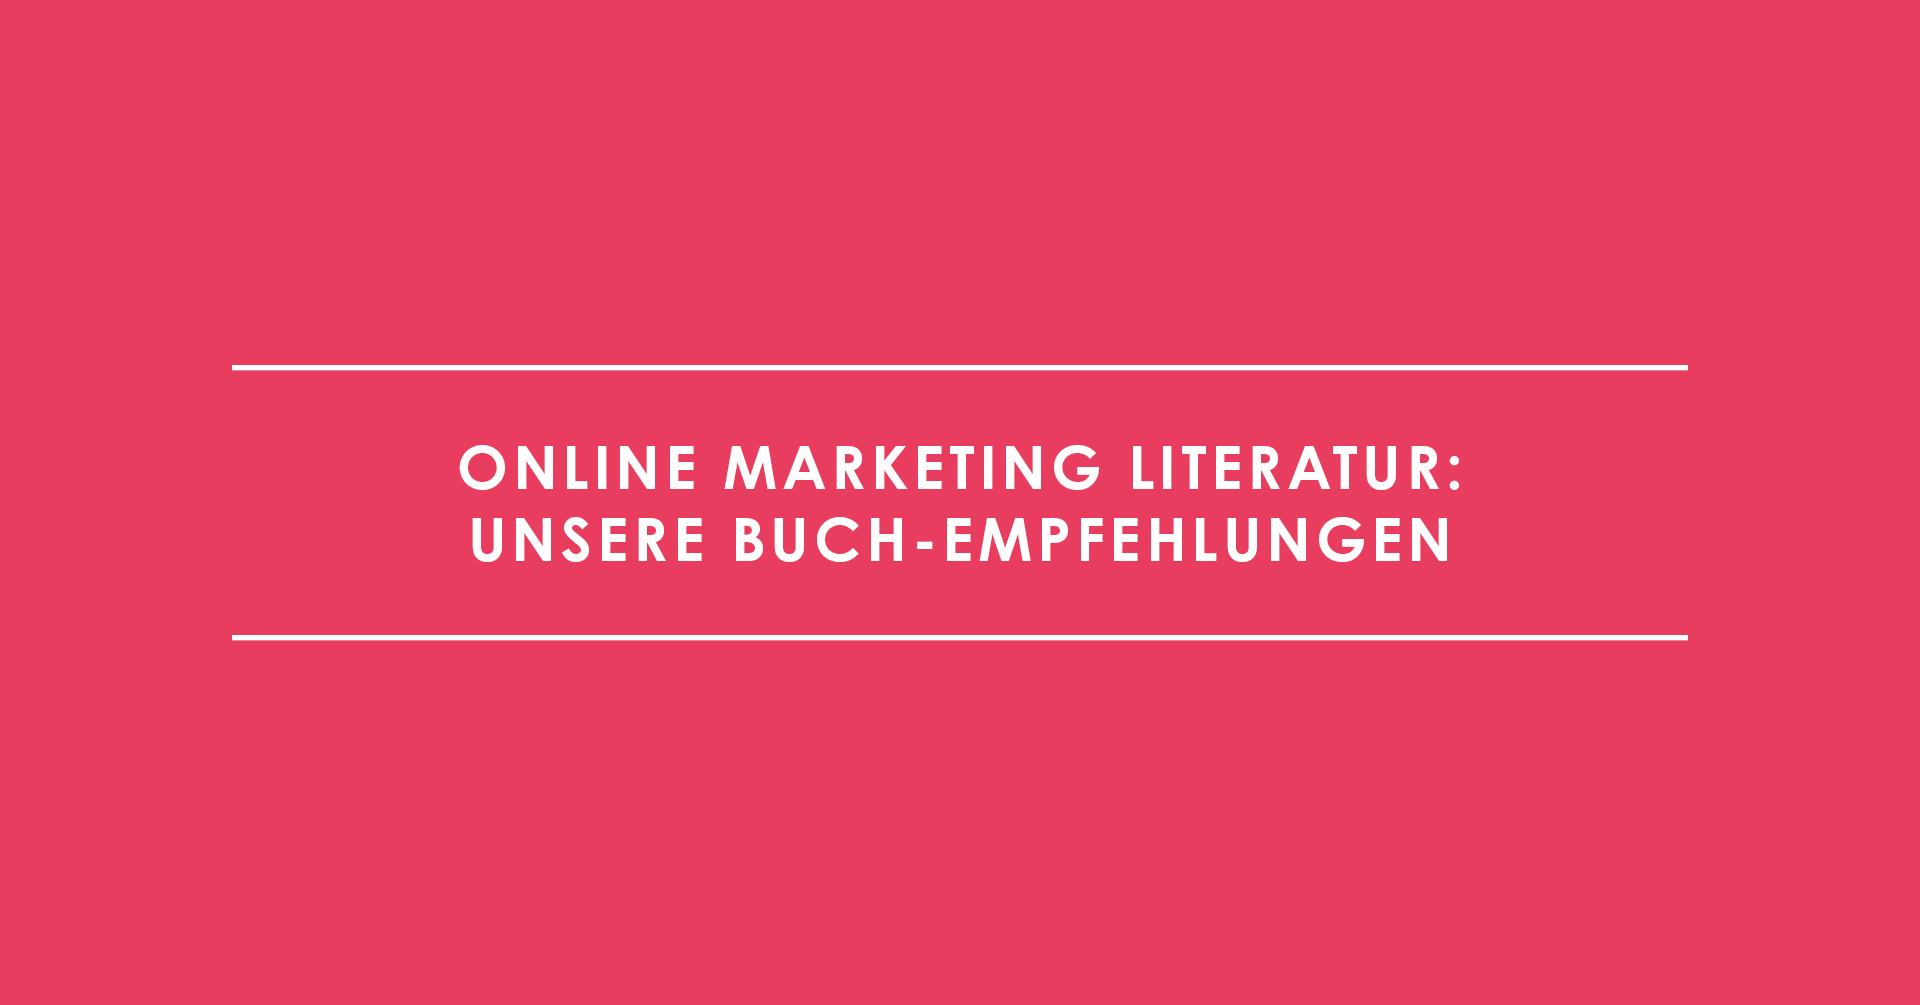 Online Marketing Literatur: Unsere Buch-Empfehlungen